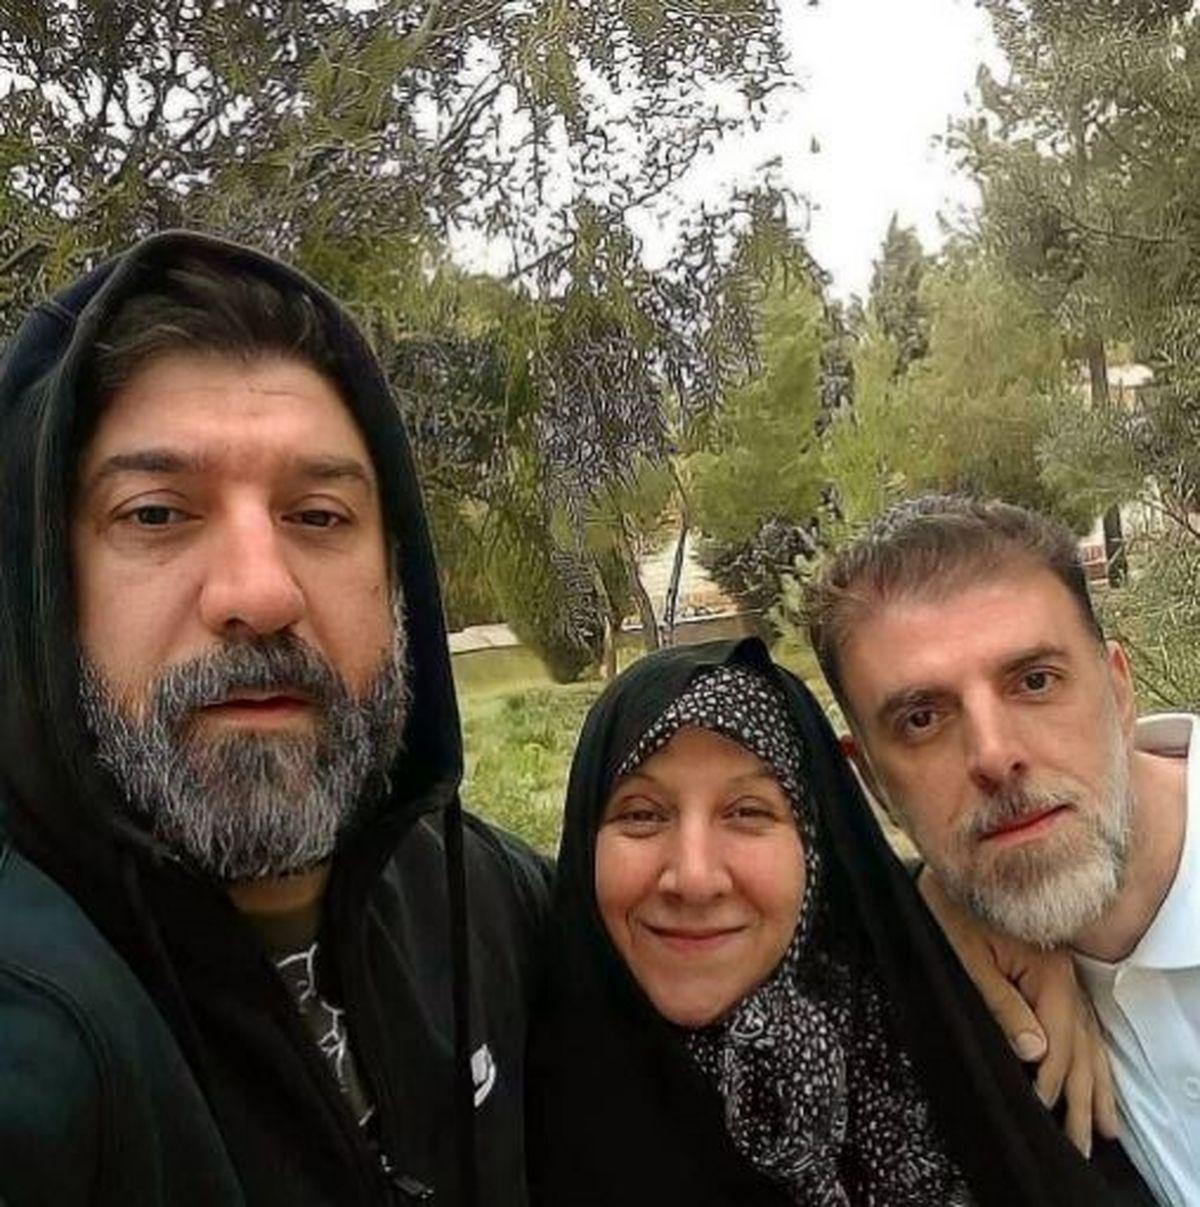 جنجال جدید درباره علت مرگ علی انصاریان